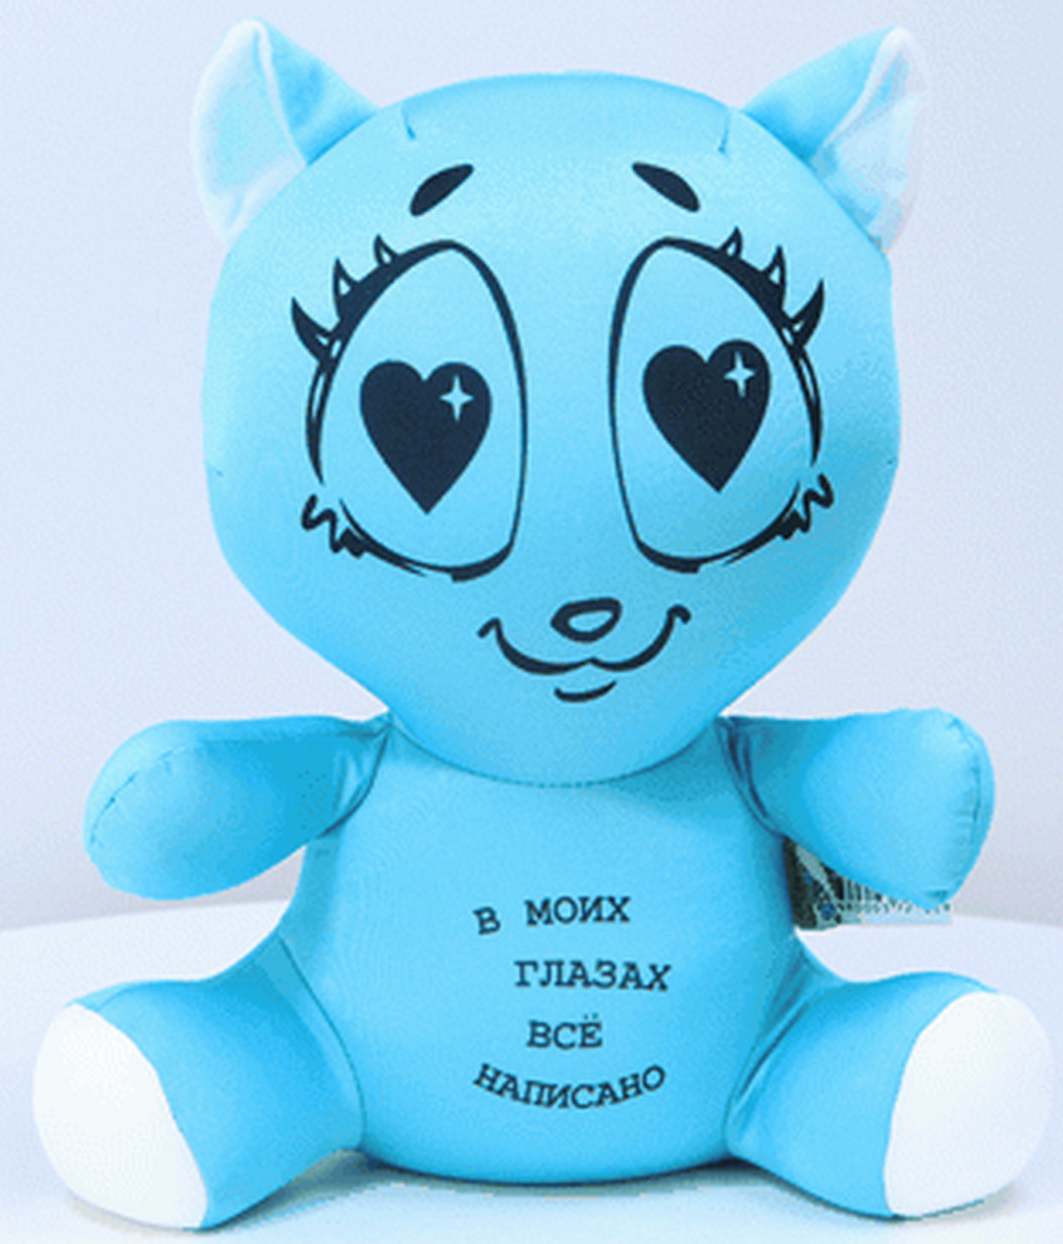 Игрушка антистресс Влюбленная кошка голубой игрушка антистресс штучки к которым тянутся ручки лиса открытка в ассортименте 18асо03ив